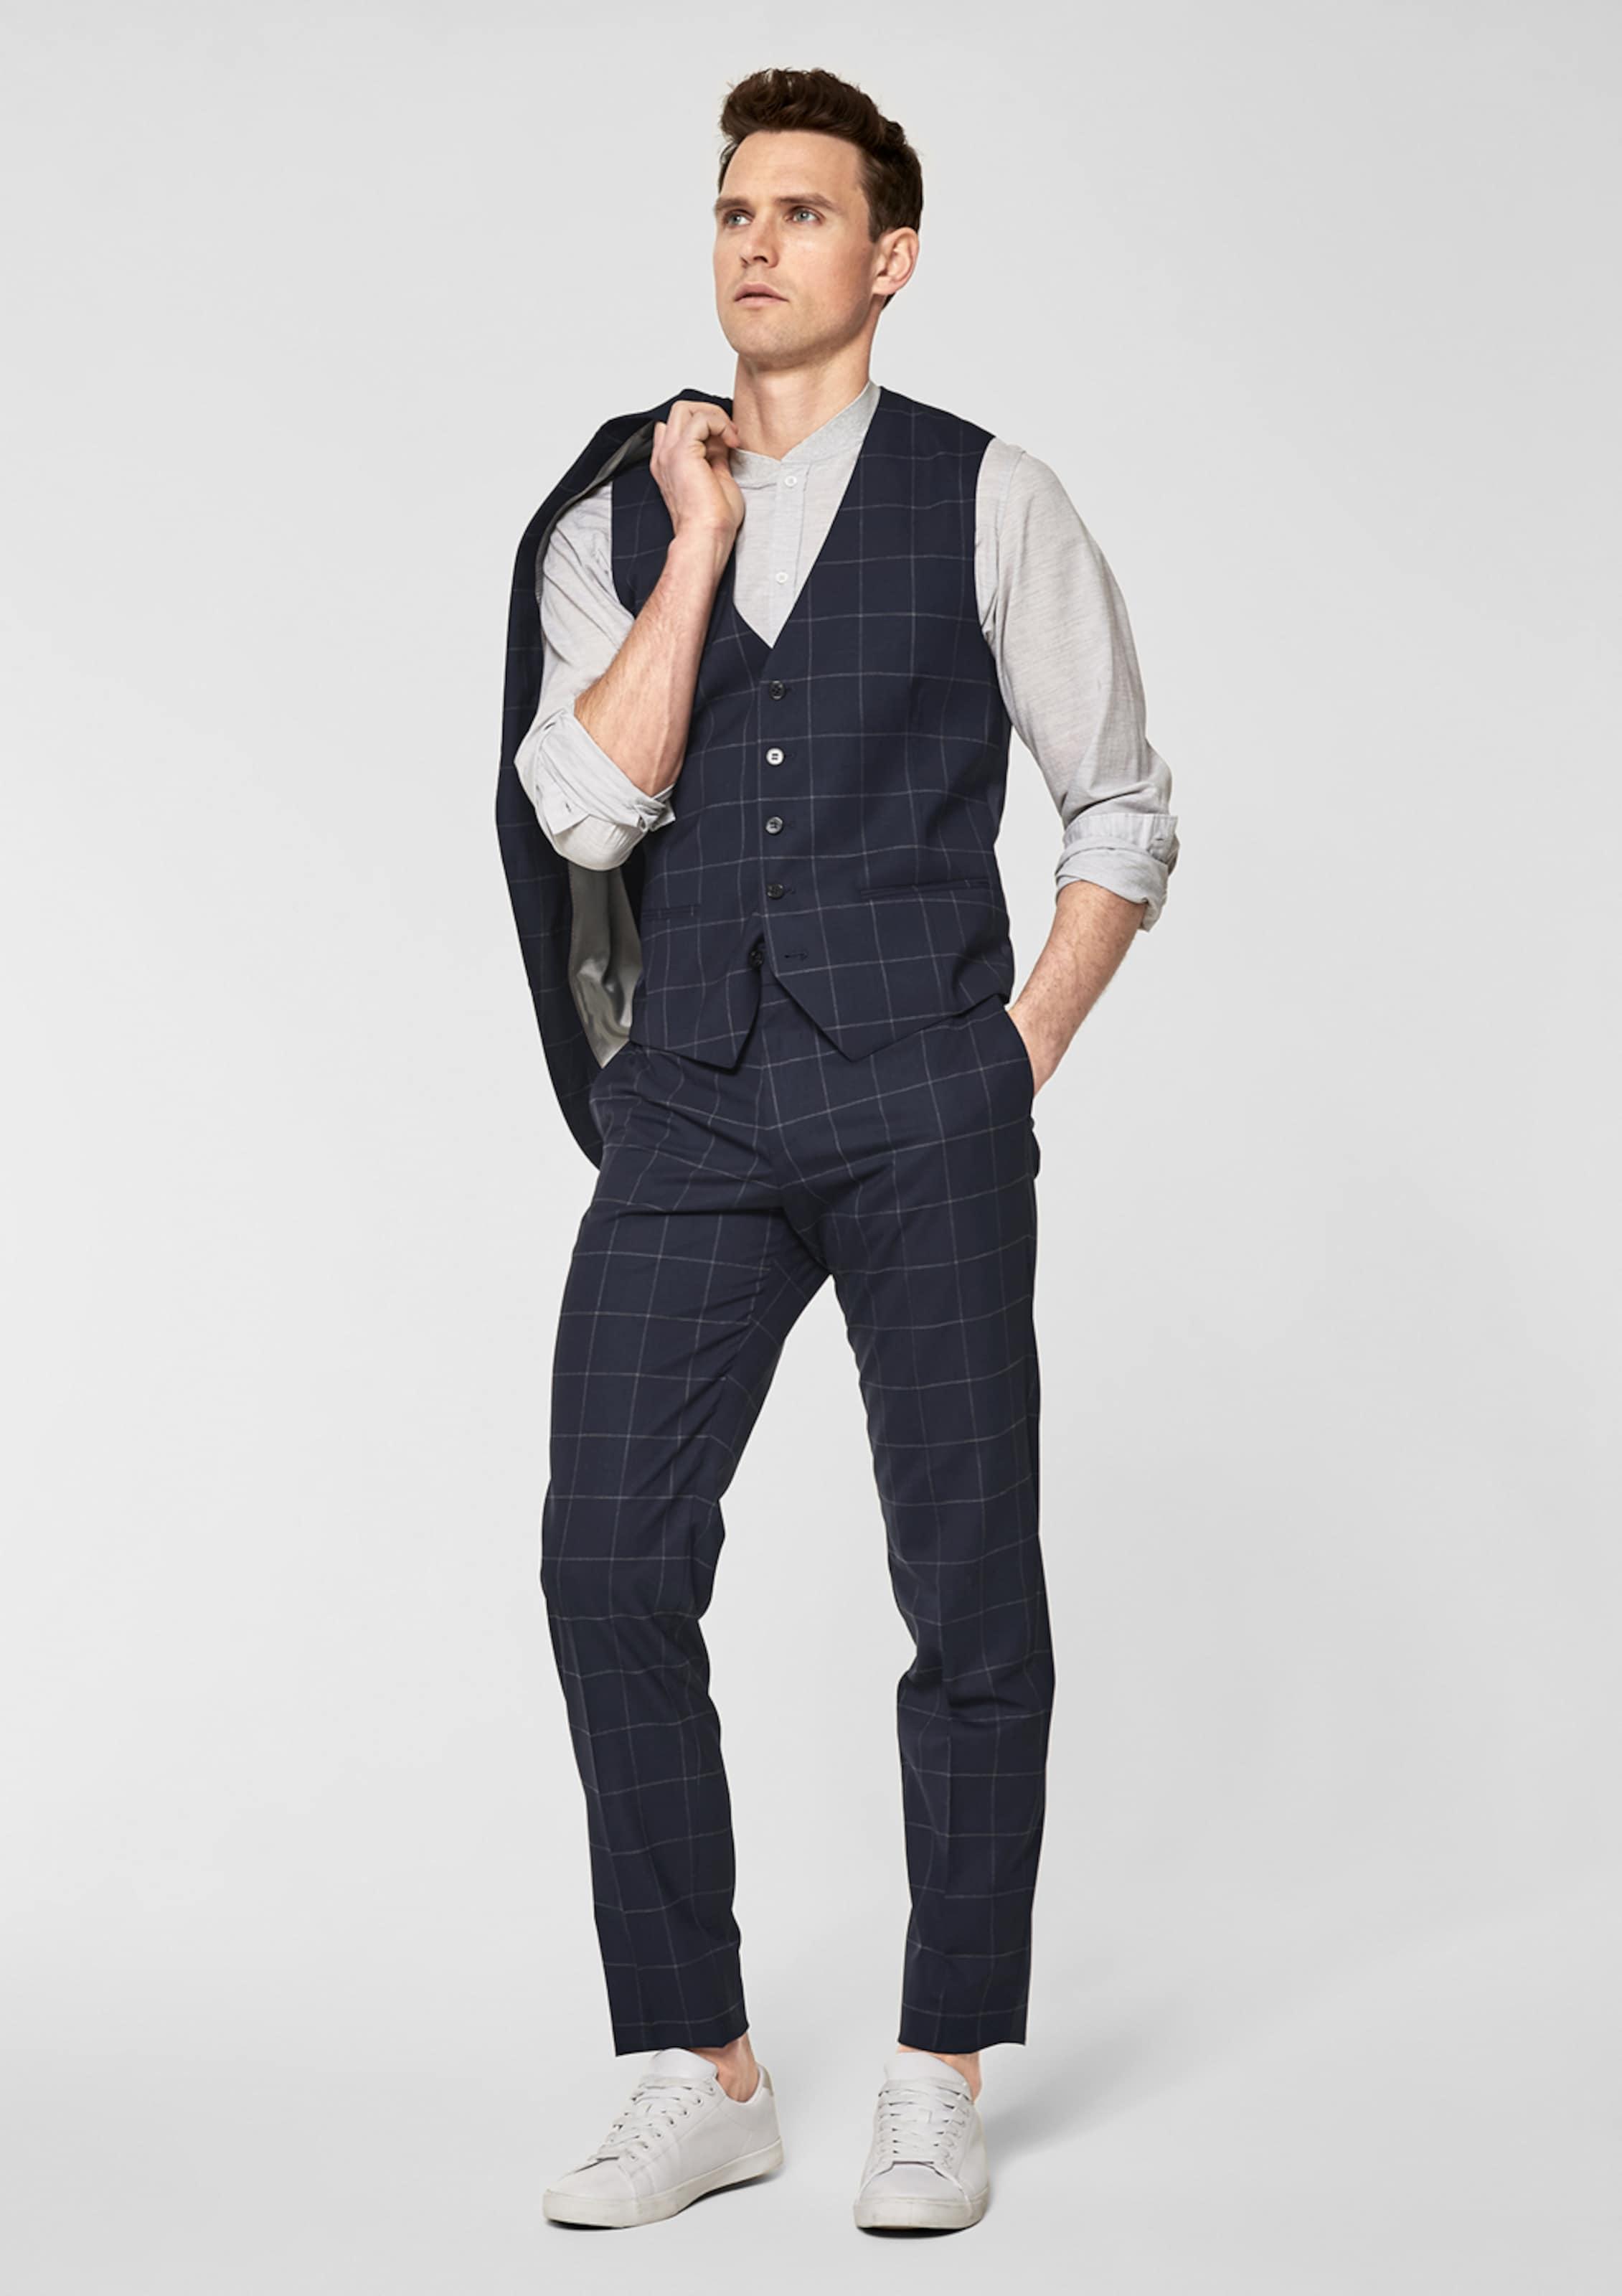 Sehr Günstiger Preis s.Oliver BLACK LABEL Cesano Slim: Glencheck-Anzughose Für Schön Bulk-Design Billig Verkauf Bestseller Rabatt Shop-Angebot 7iMKO3